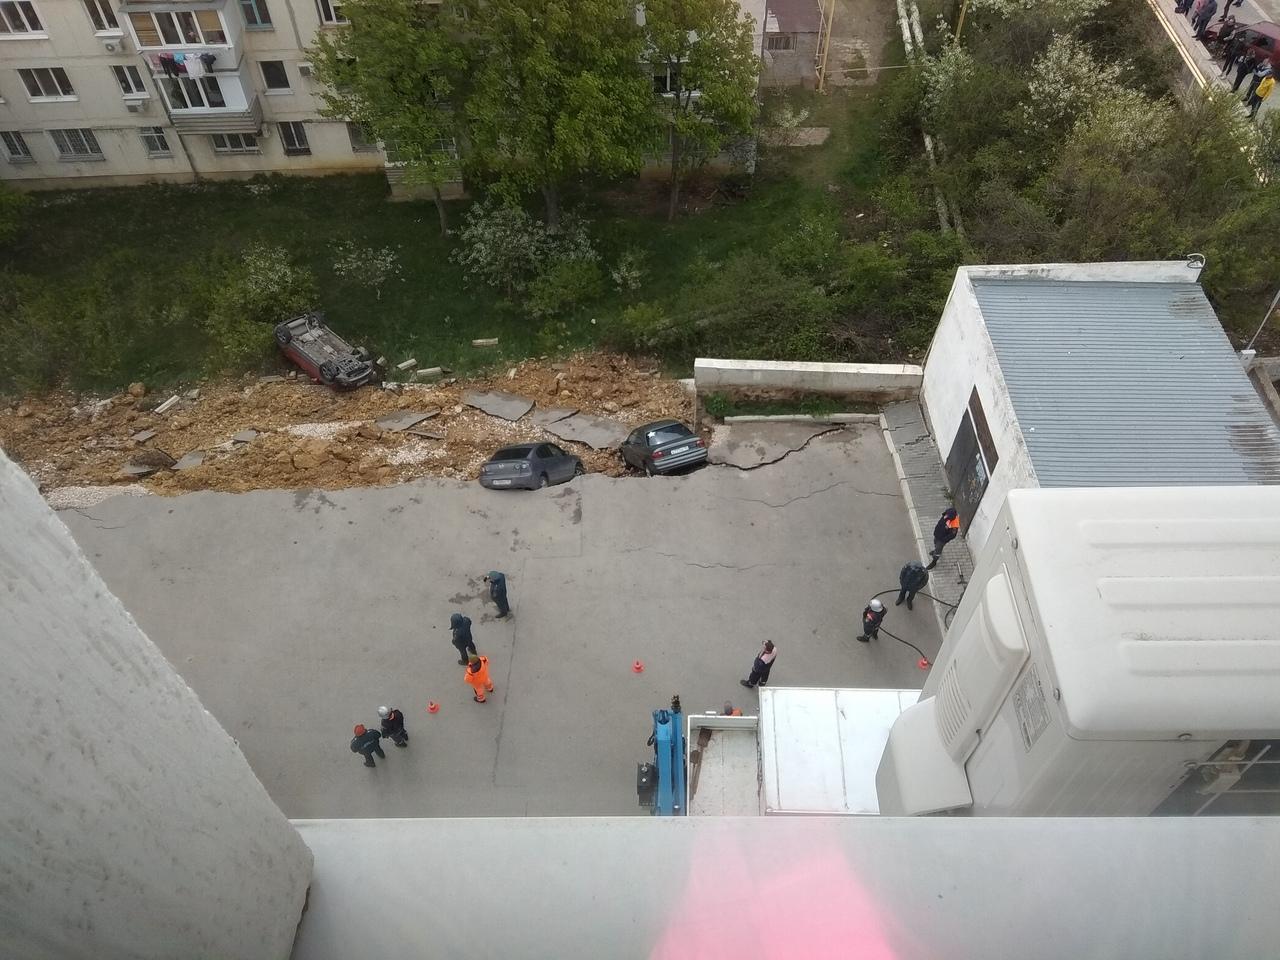 «Как будто взрыв»: рассказы очевидцев об обрушении парковки с машинами в Севастополе